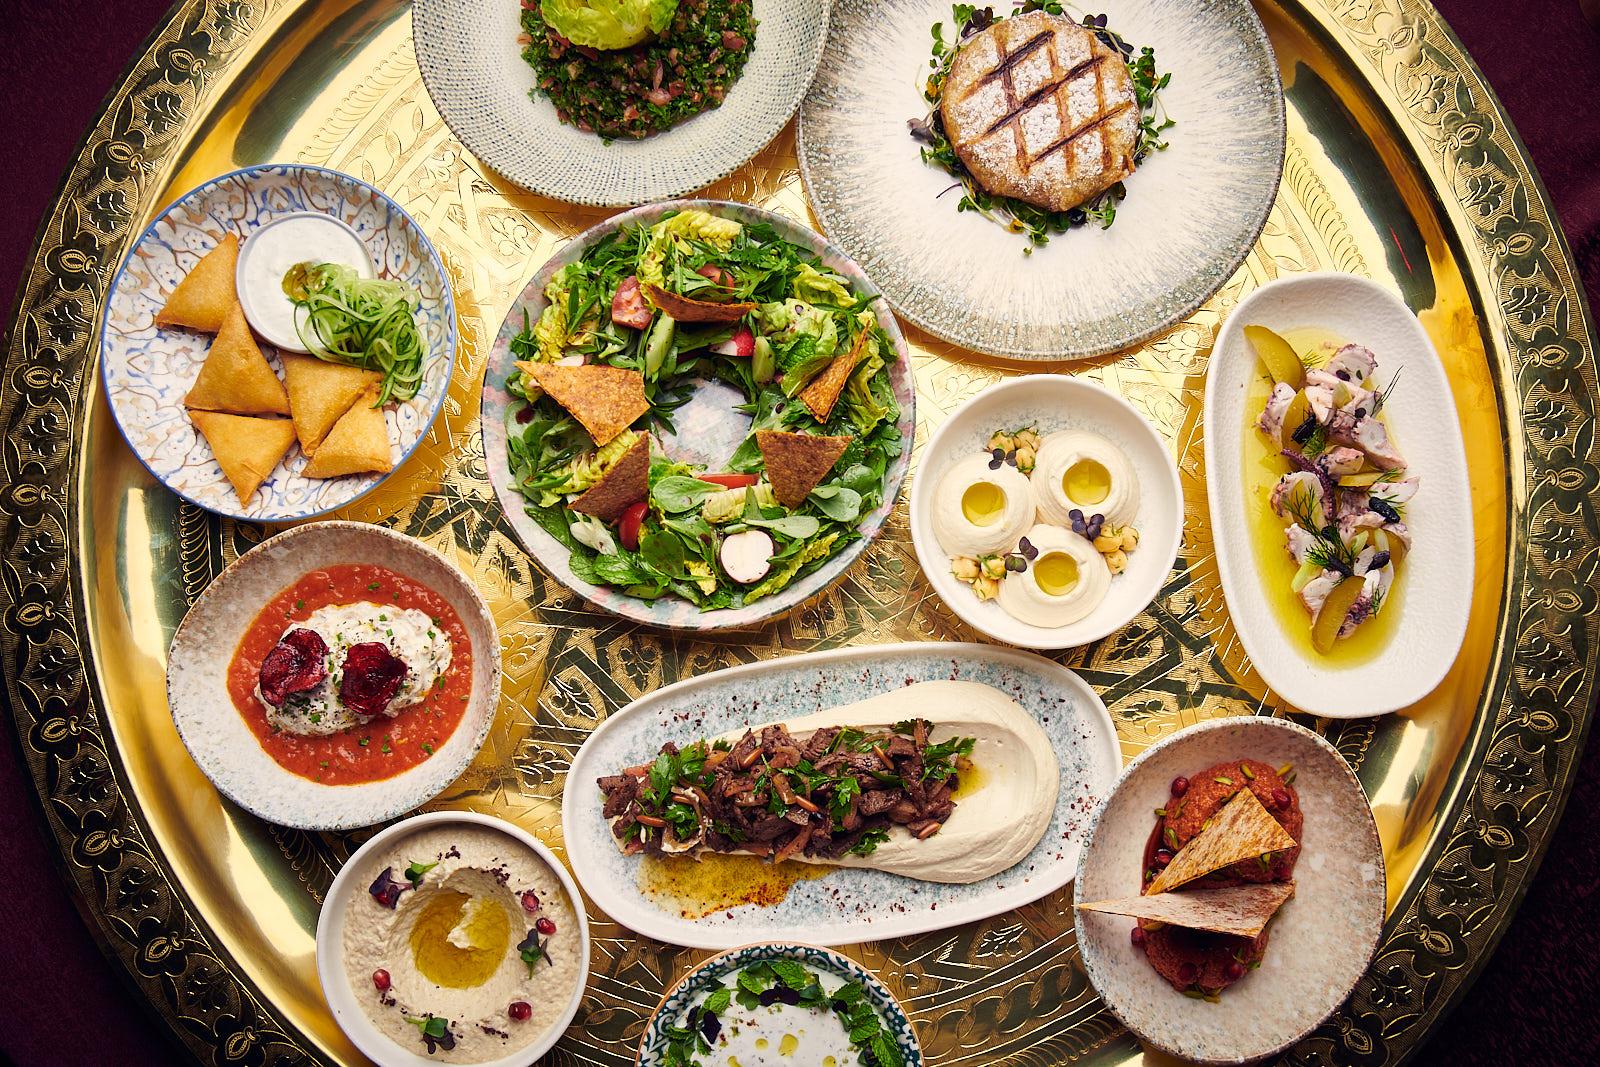 وجبة مميّزة في عيد الأضحى في مطعم أصيل ريكسوس بريميوم